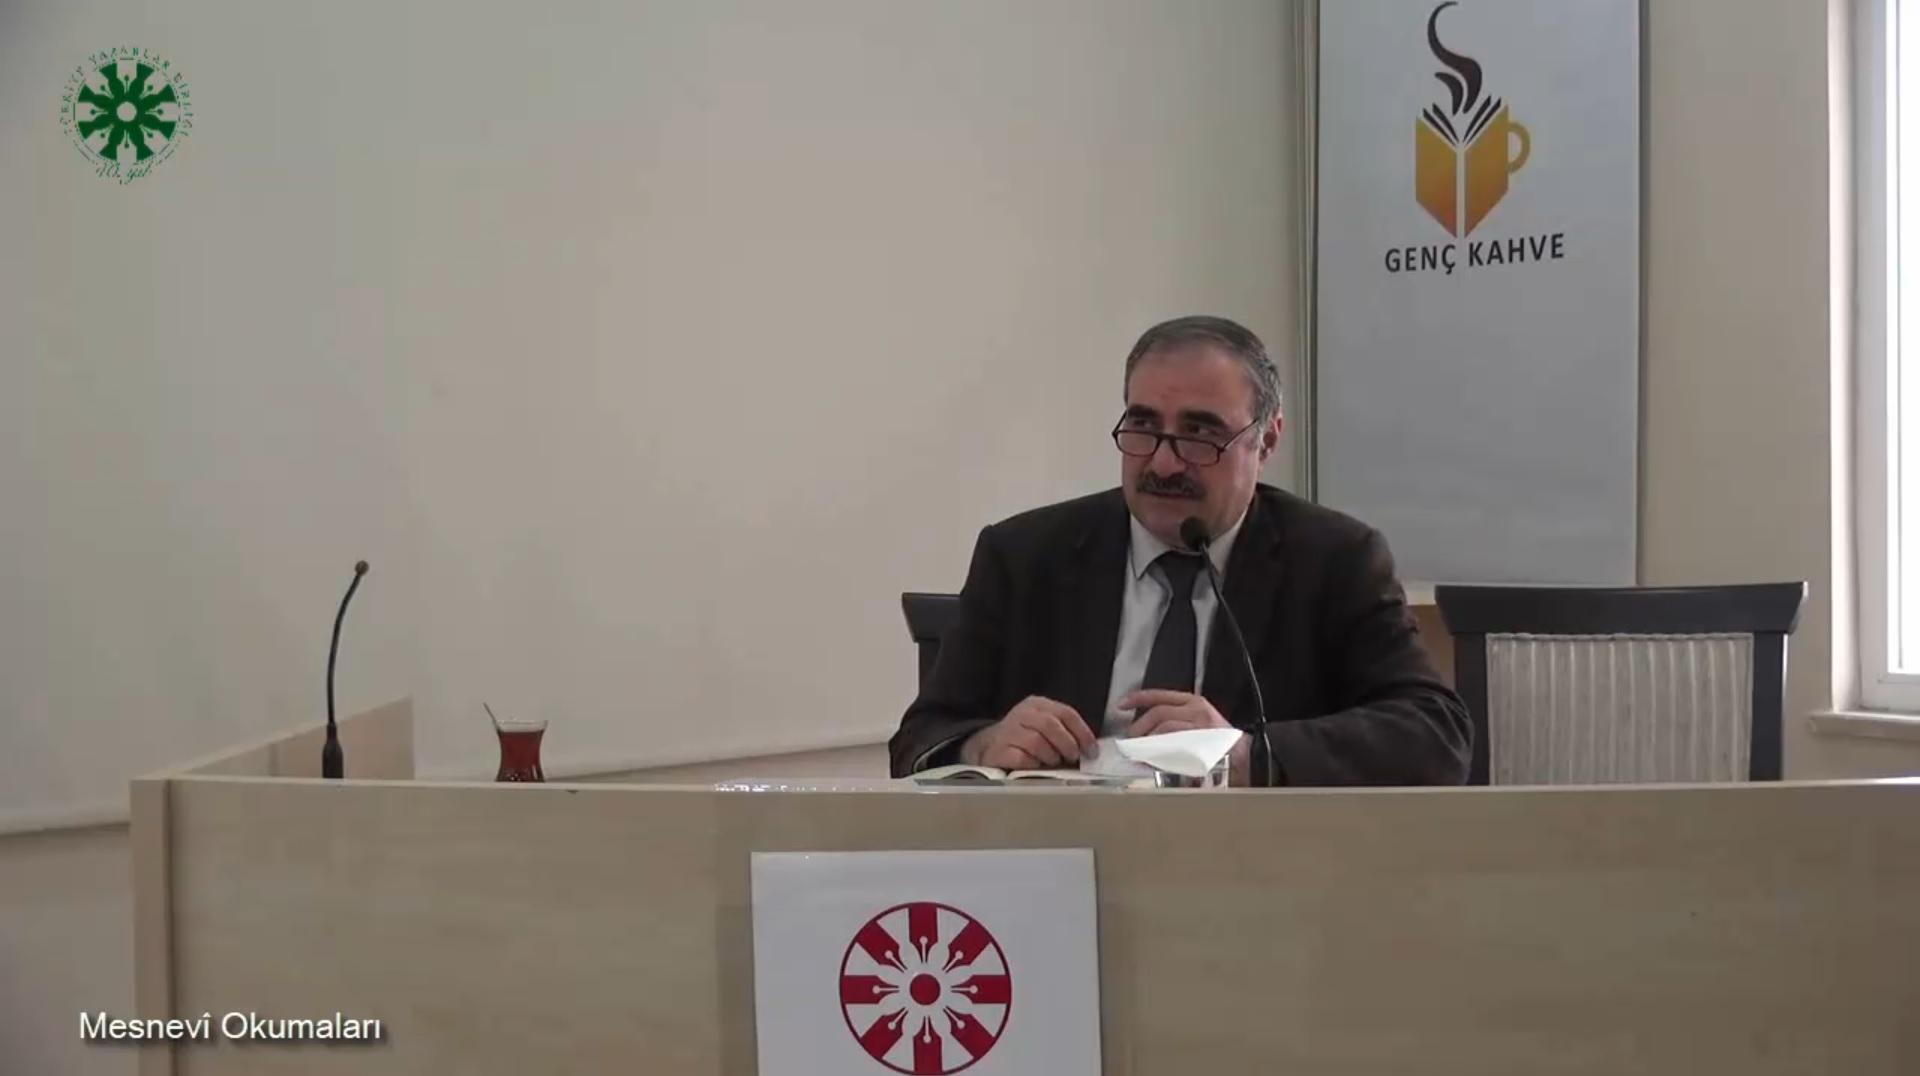 Mesnevî Okumaları -25- Dr. Yakup Şafak (video)